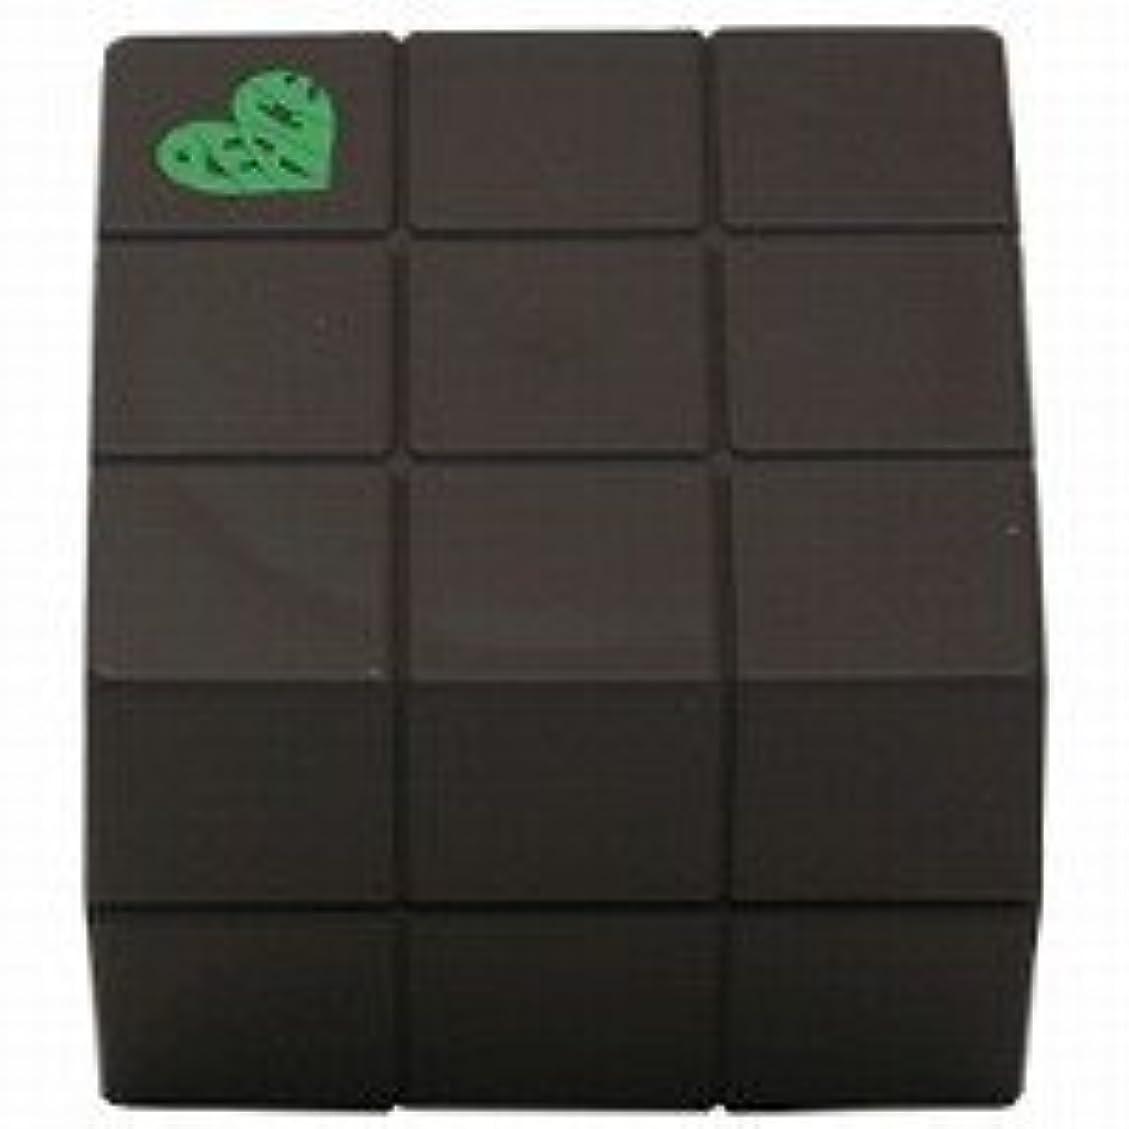 散逸避難ポケット【x5個セット】 アリミノ ピース プロデザインシリーズ ハードワックス チョコ 40g